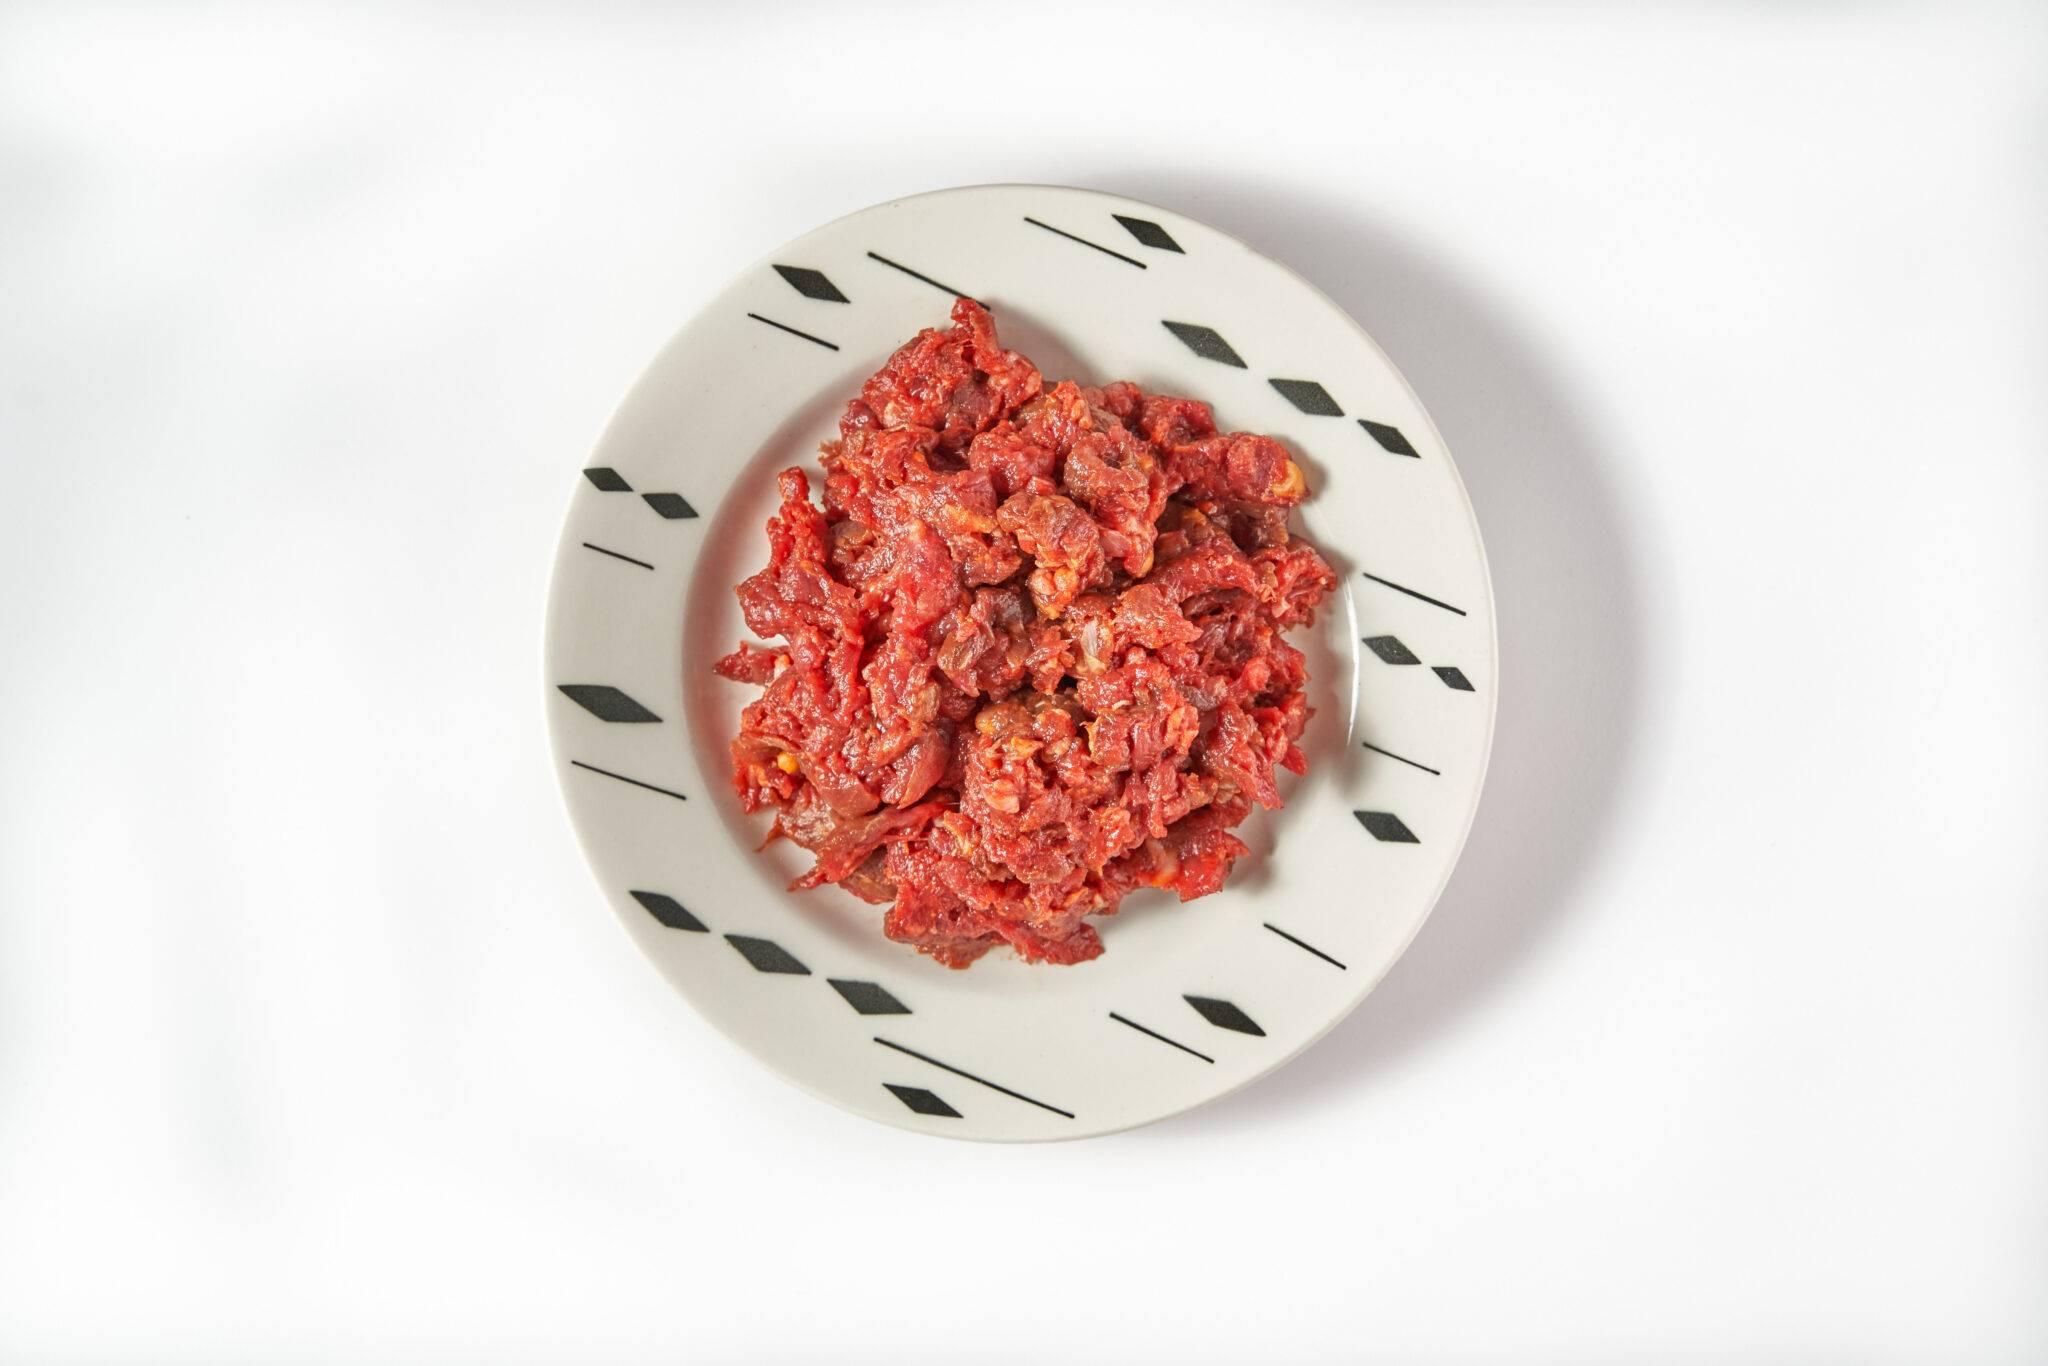 Vleesch & Co Lamsshoarma